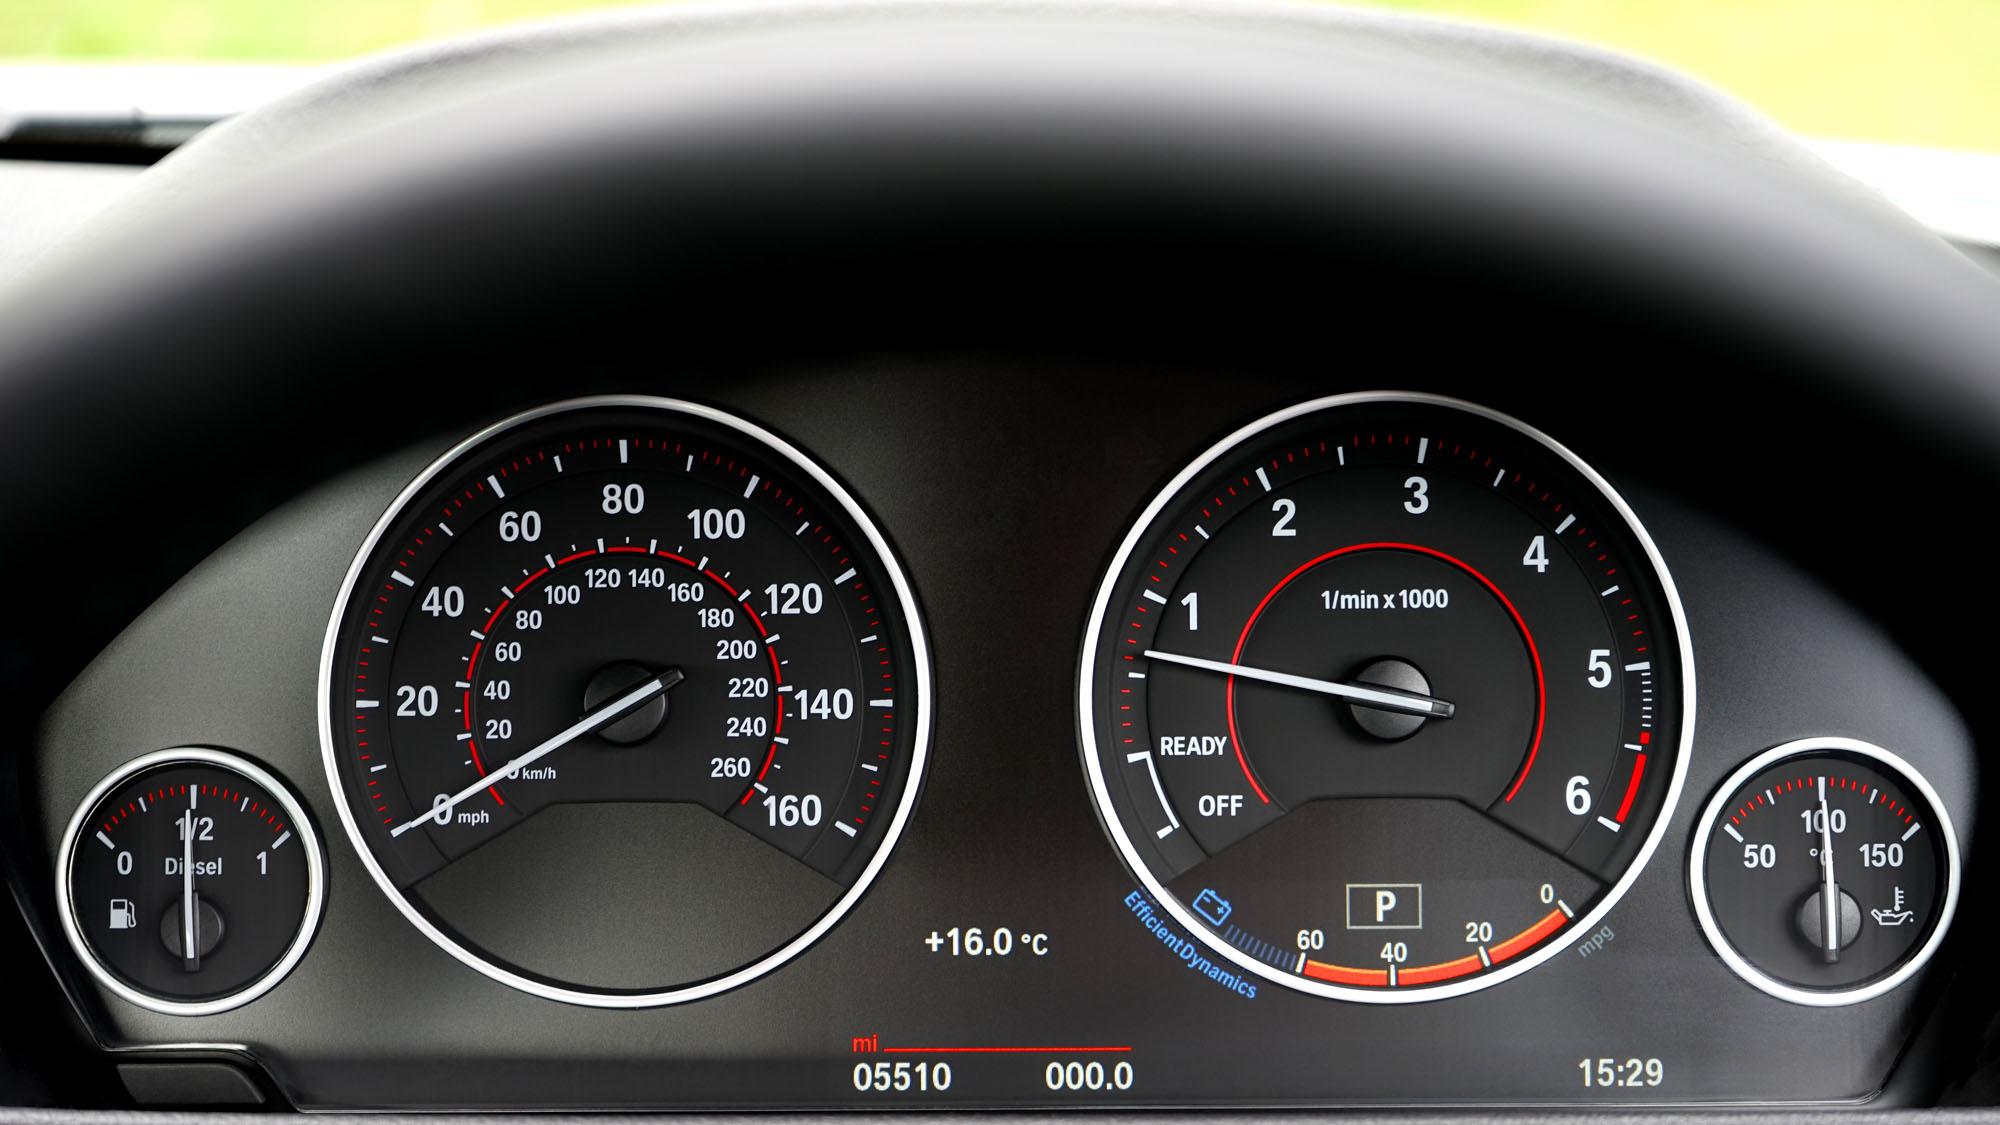 Comment identifier un faux kilométrage ? Astuces d'experts automobiles - Auto